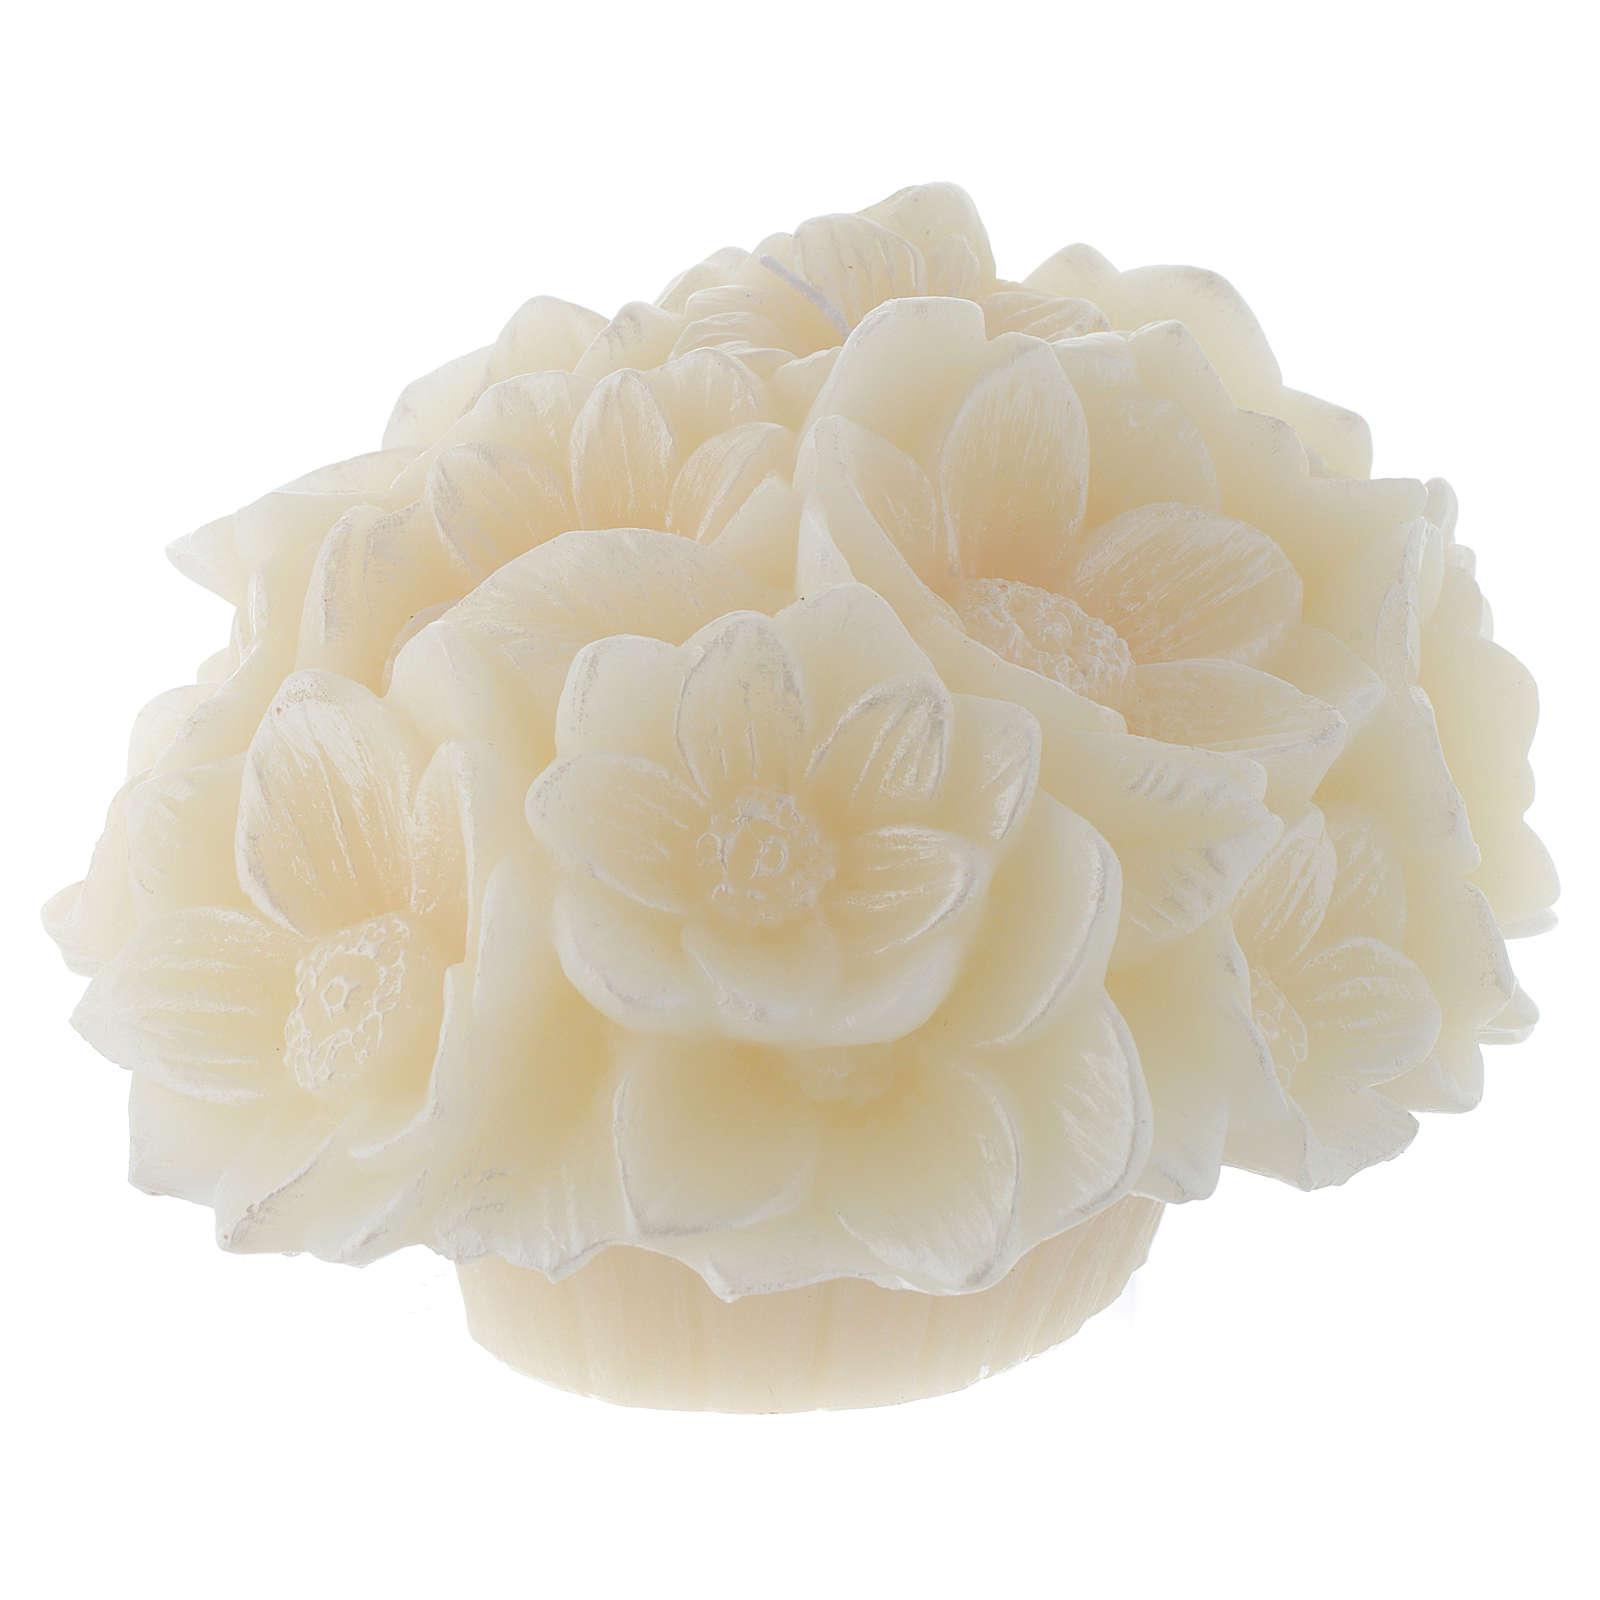 Bougie bouquet fleurs Stylnove 3